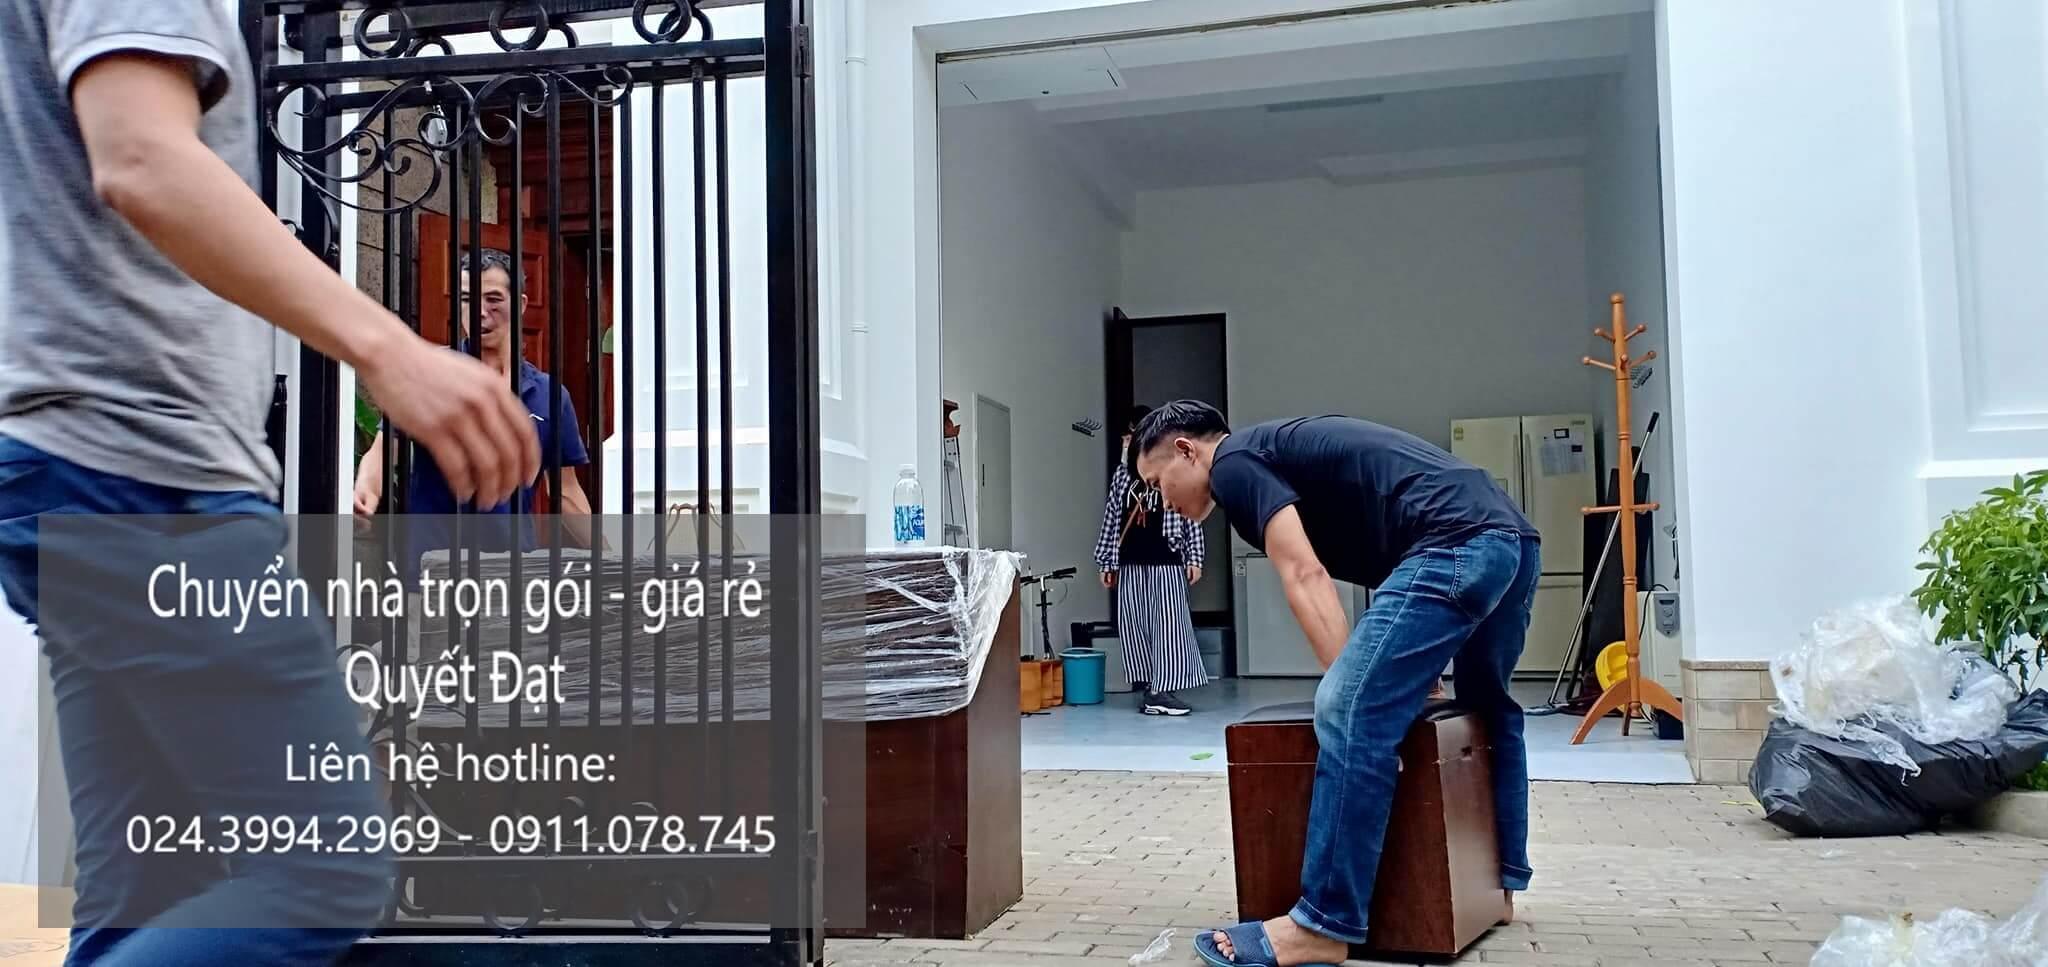 Dịch vụ chuyển nhà Quyết Đạt tại phường giang biên